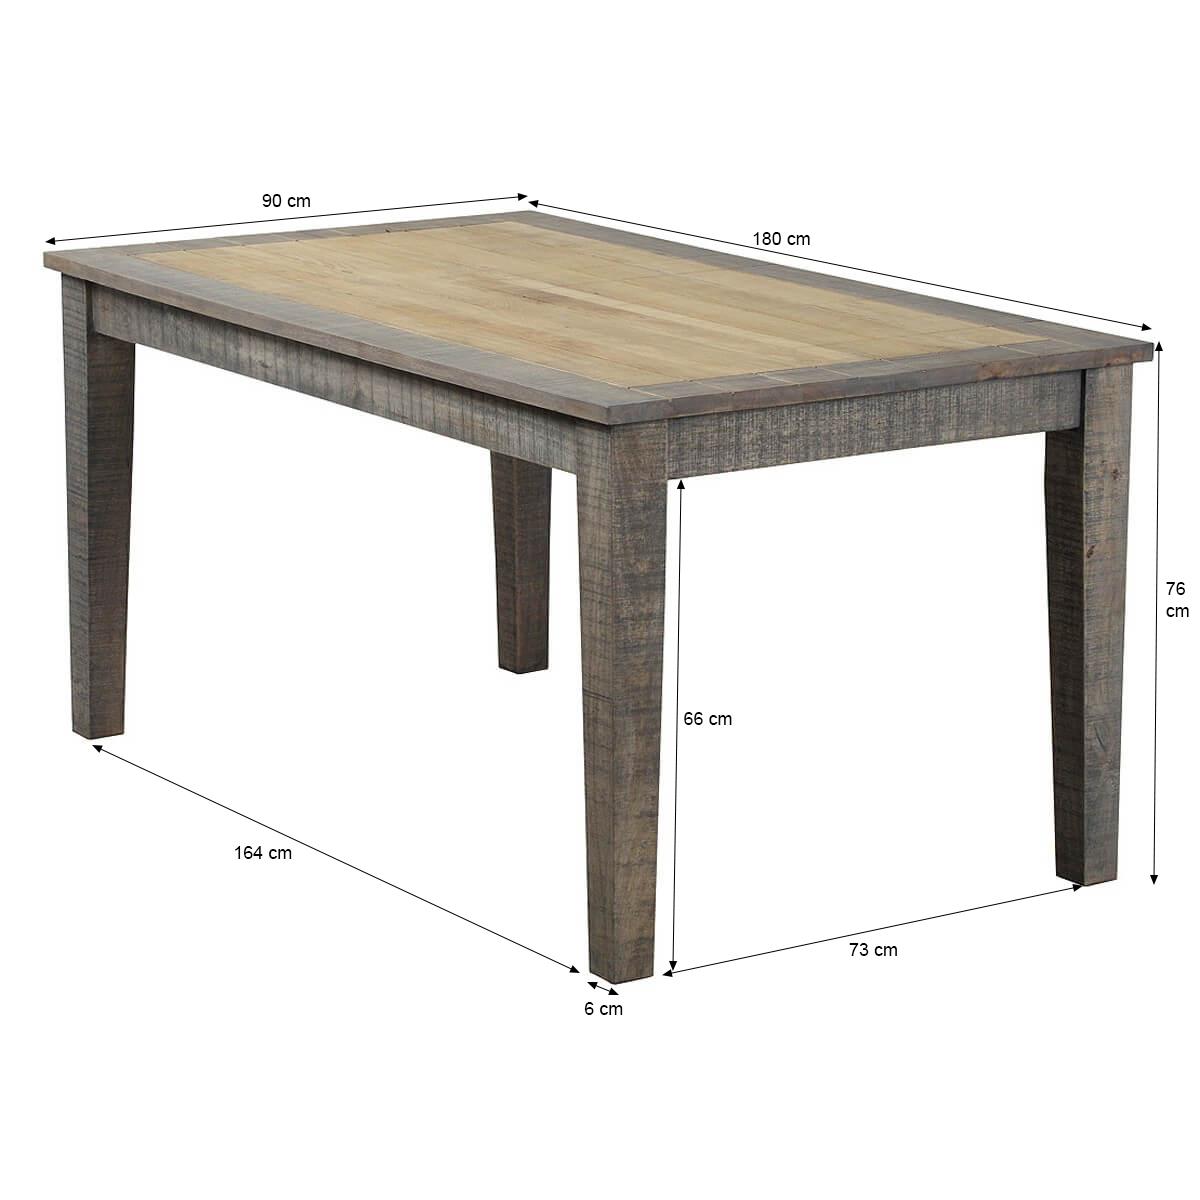 esstisch taarbek 180x90 aus massivholz in beige braun. Black Bedroom Furniture Sets. Home Design Ideas